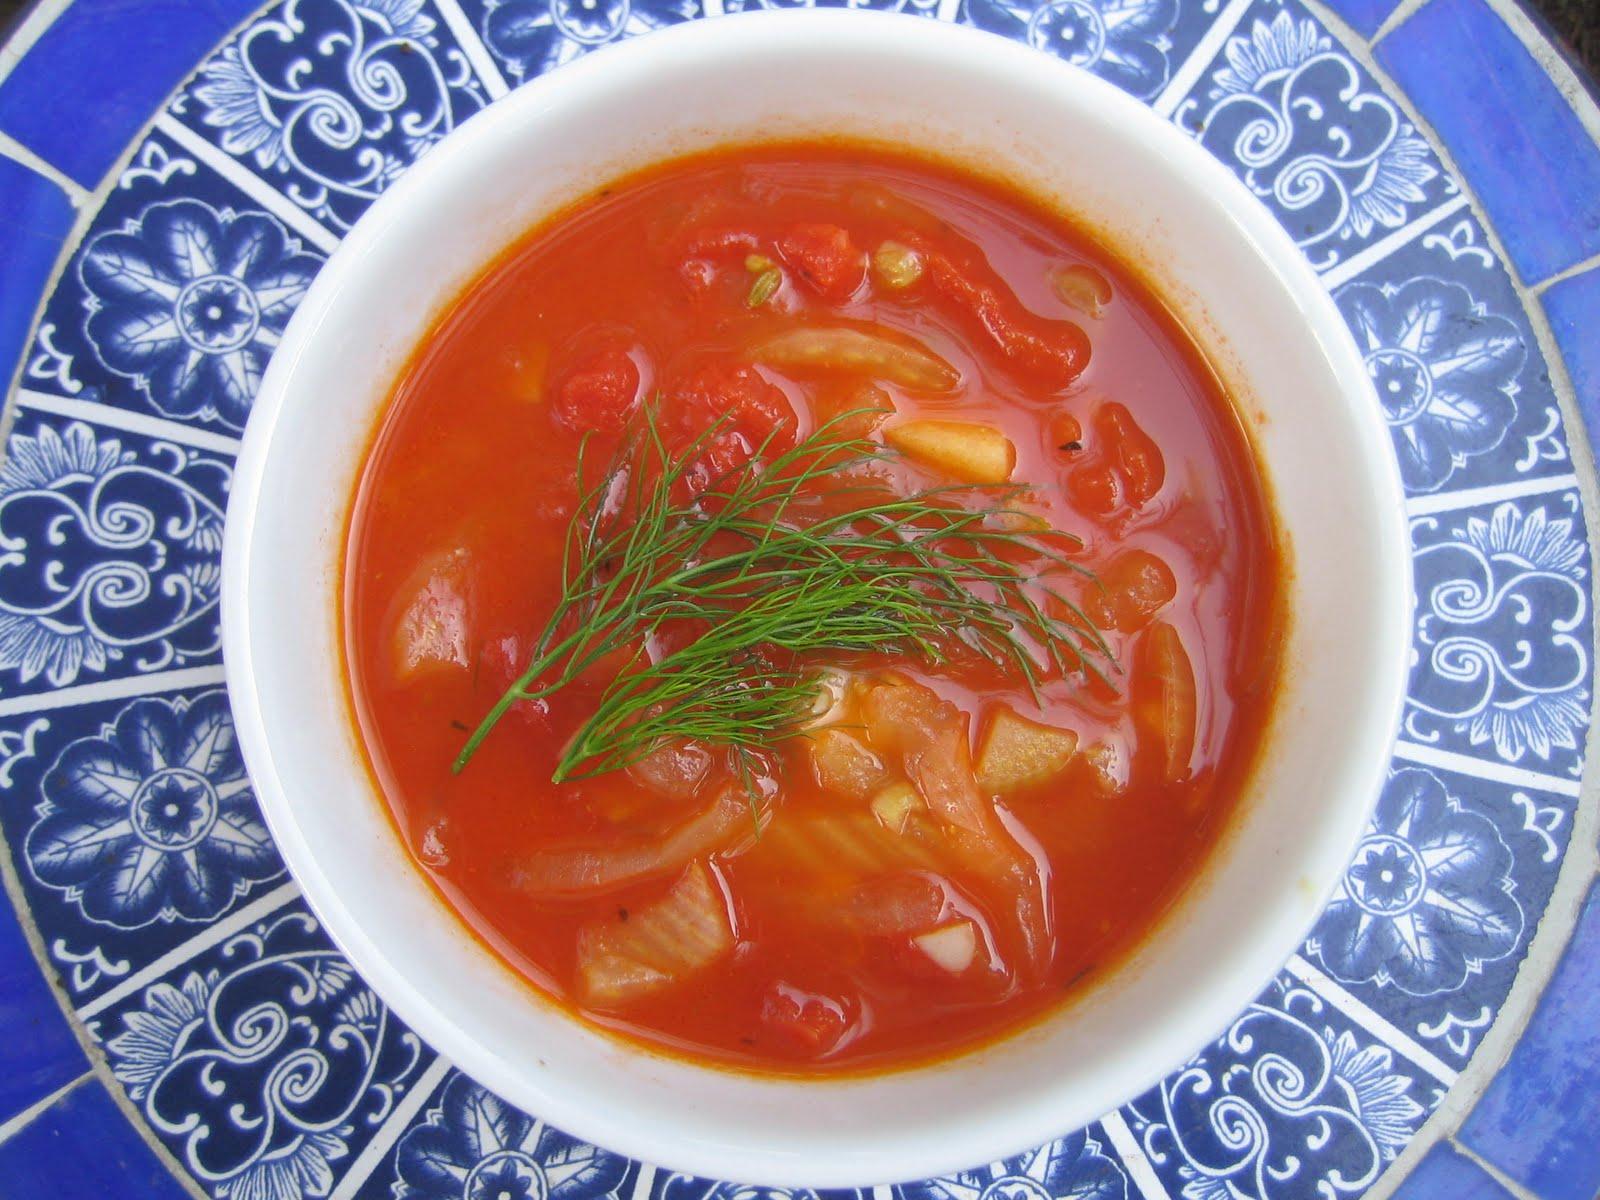 Blue Kale Road: Blueberry-Raspberry Pound Cake, Tomato Soup